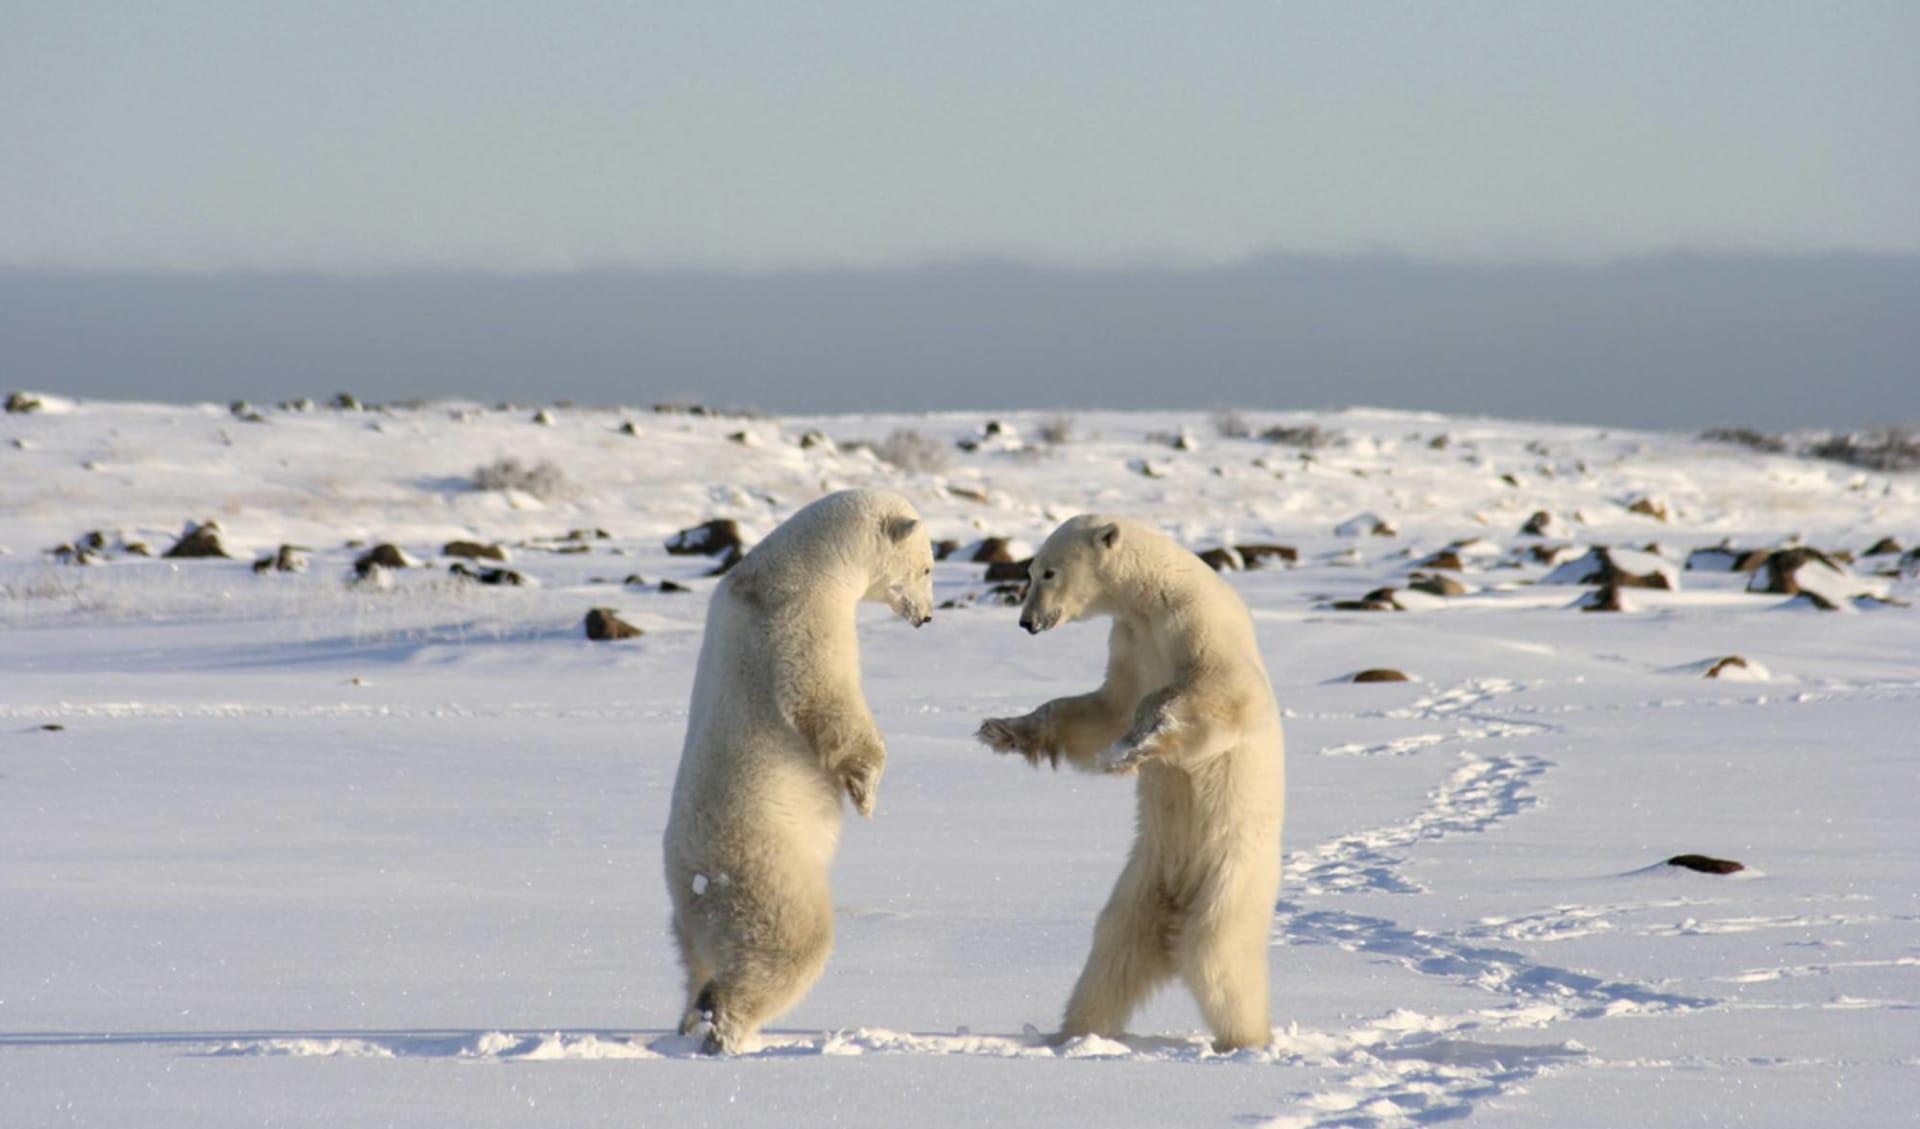 Eisbären-Abenteuer Hudson Bay im Winter ab Winnipeg: Kanada - Mantitoba - Eisbären